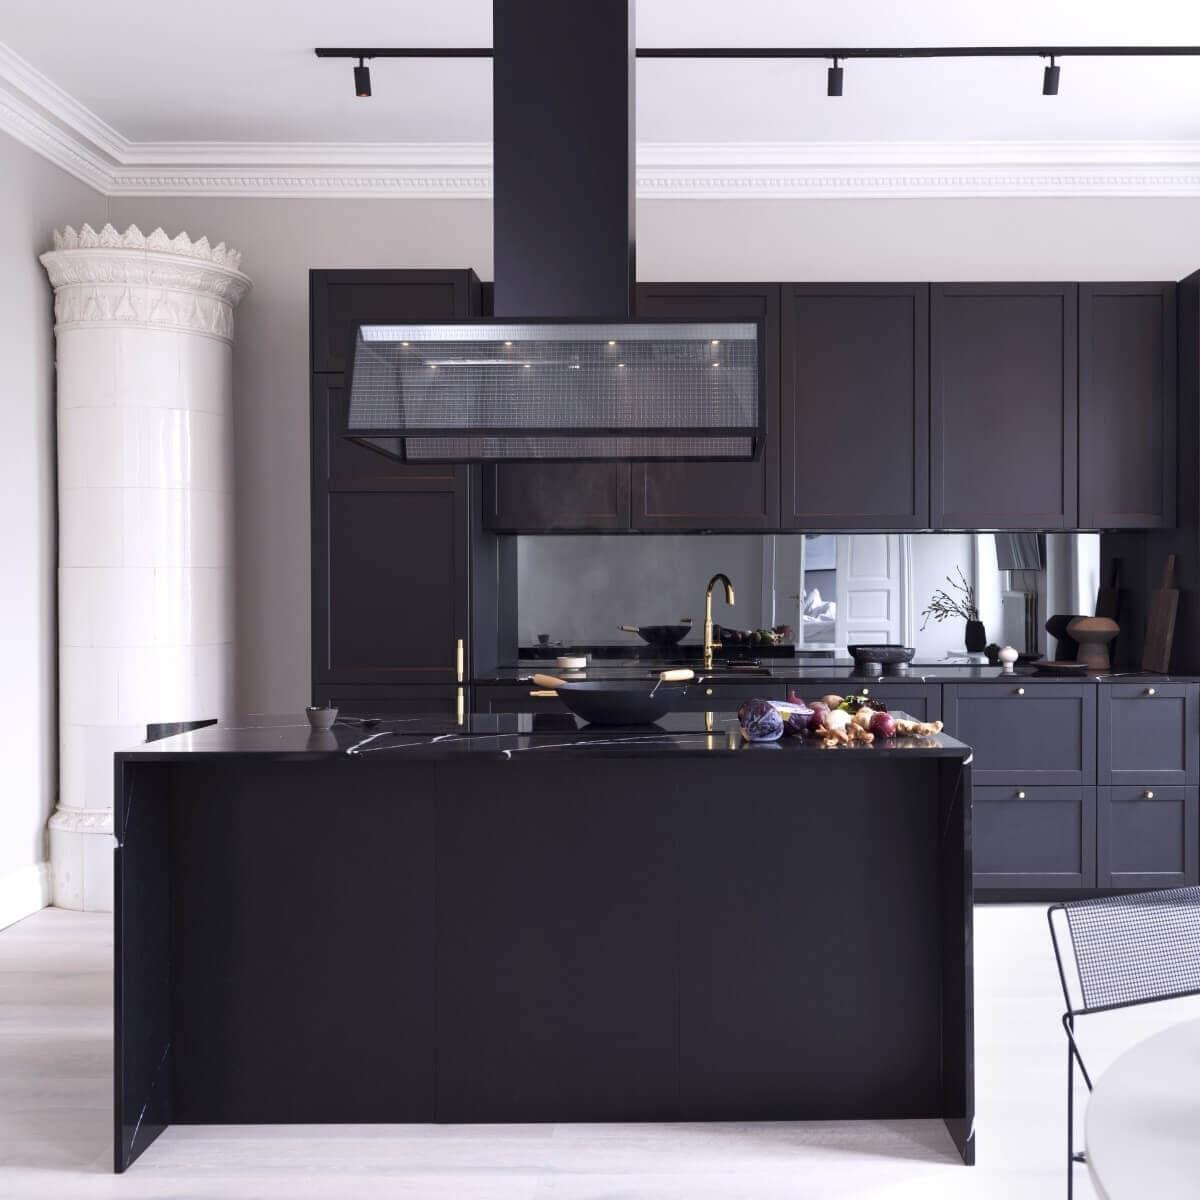 Frihängande köksfläkten Prisma i svart utförande ovanför köksö i modern sekelskiftesmiljö med mörka köksluckor.